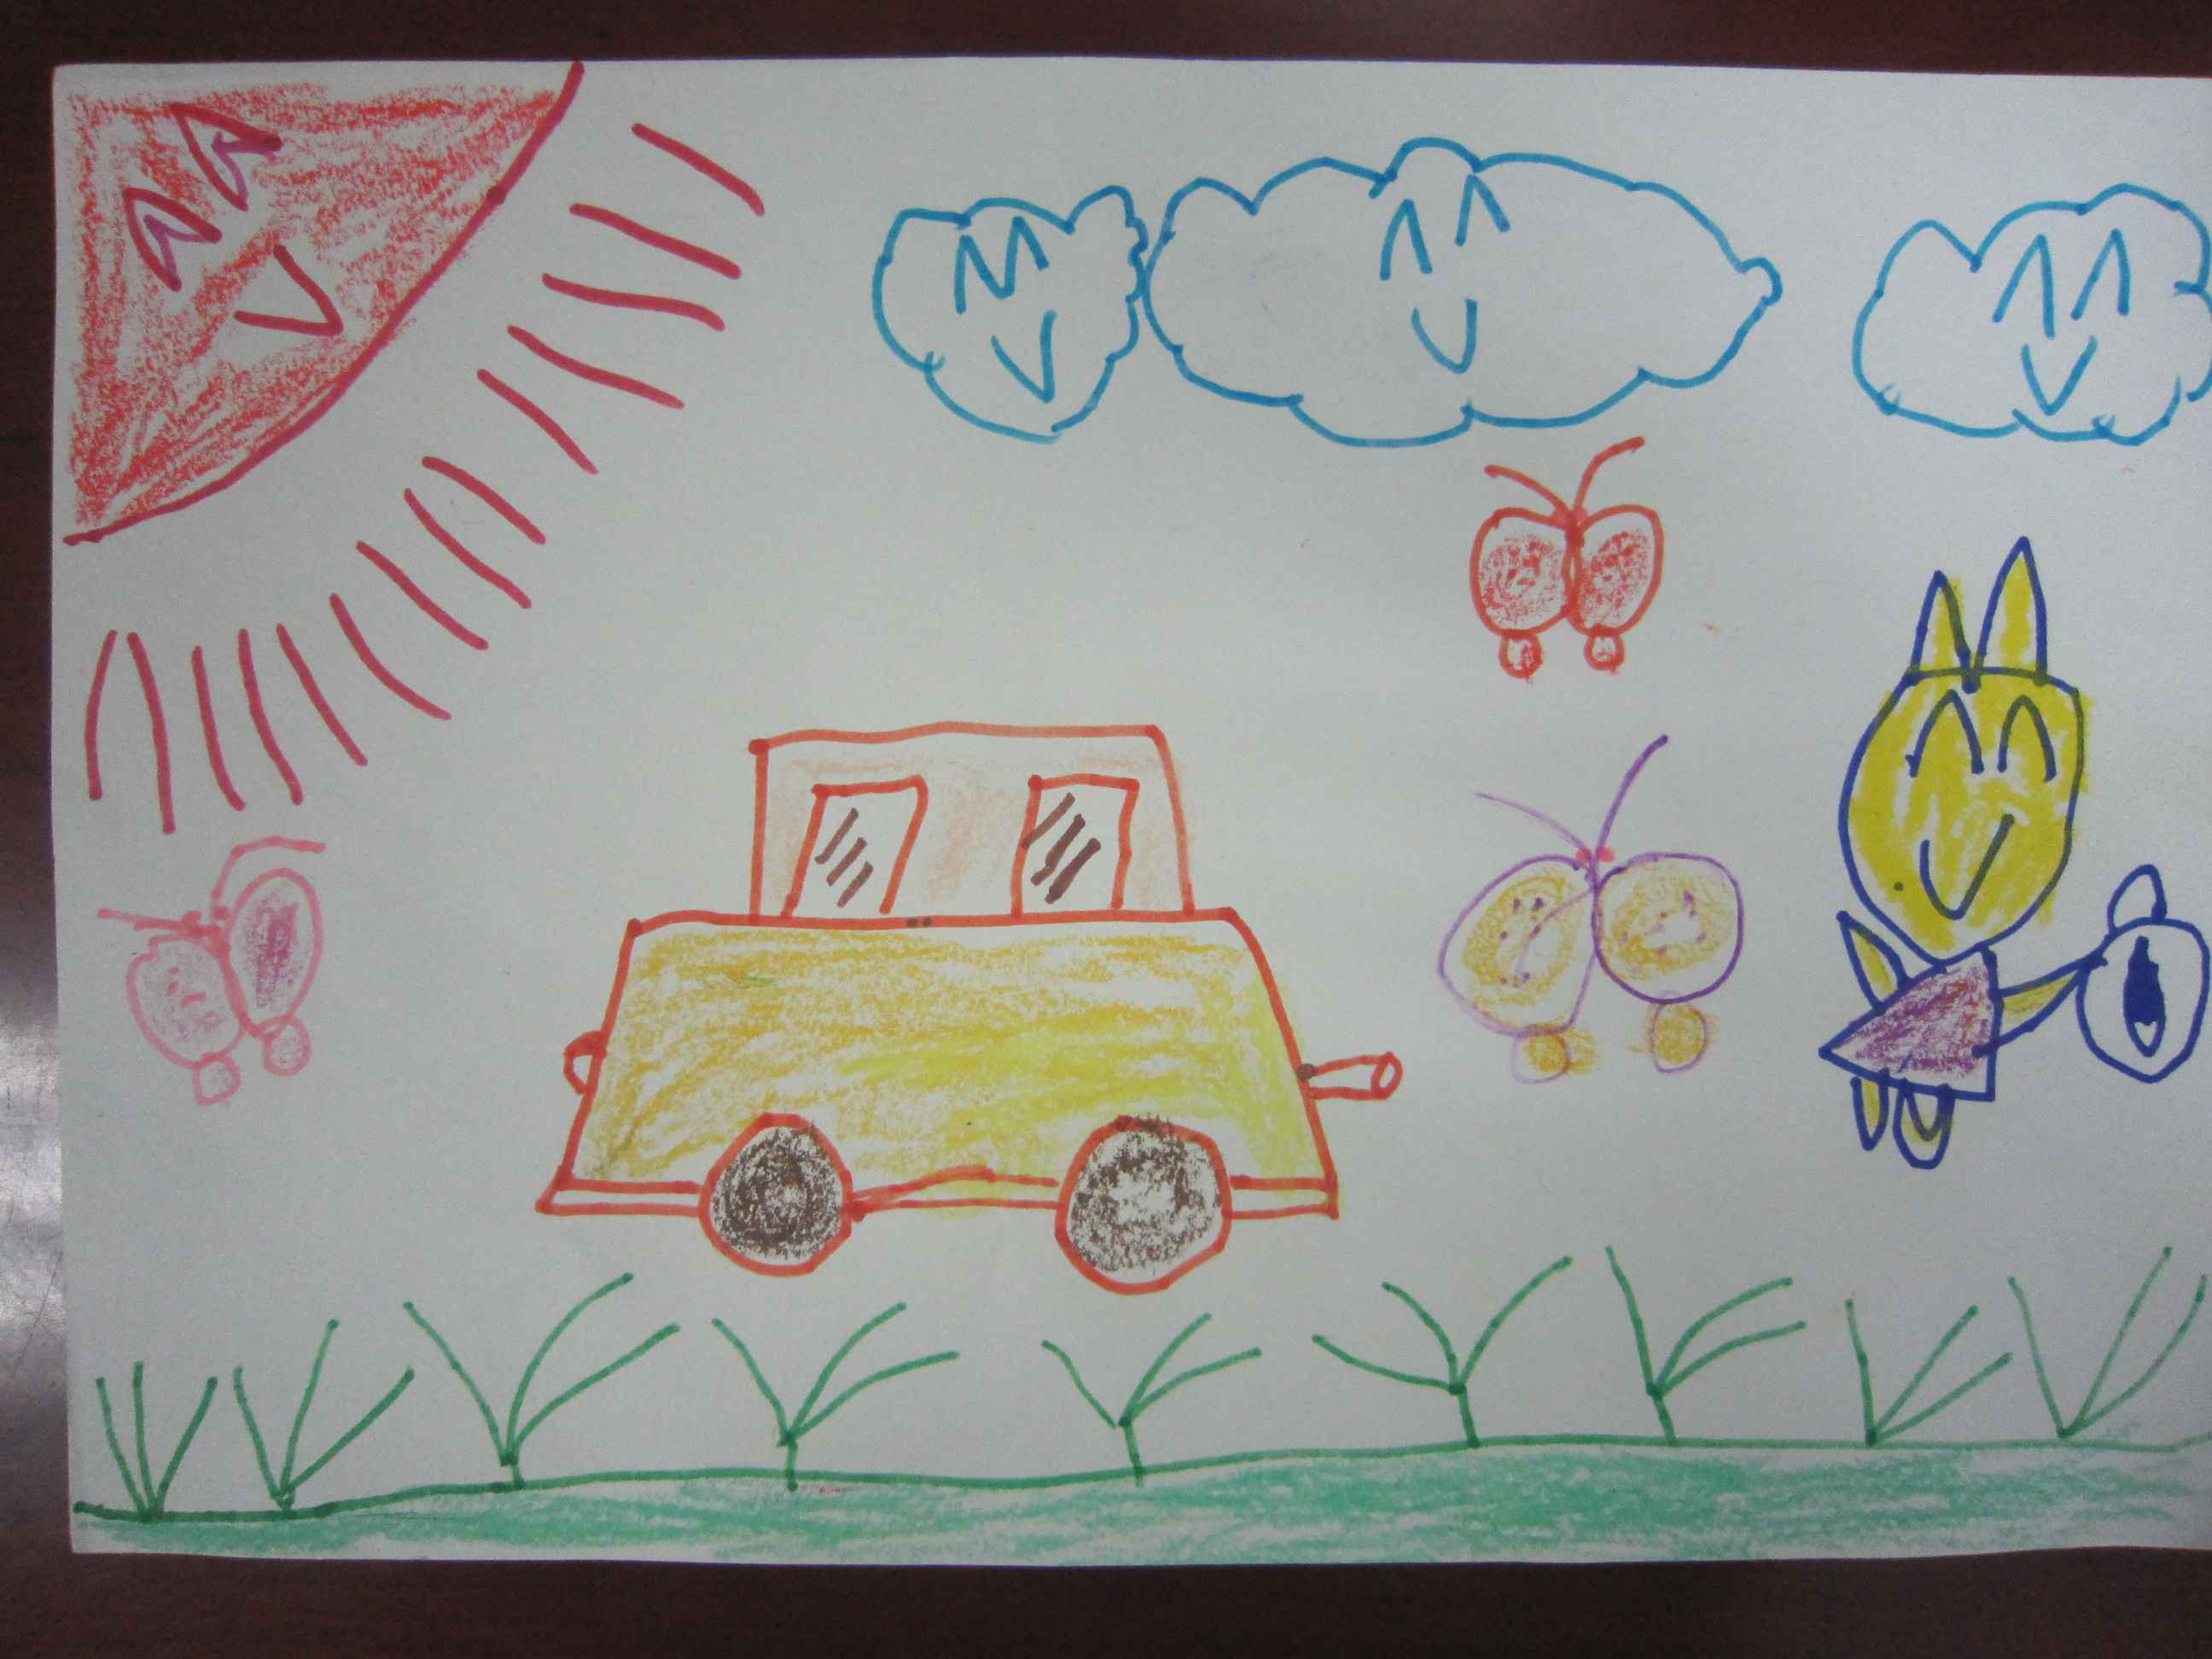 奔跑的小汽车简笔画_奔跑的小汽车图片欣赏